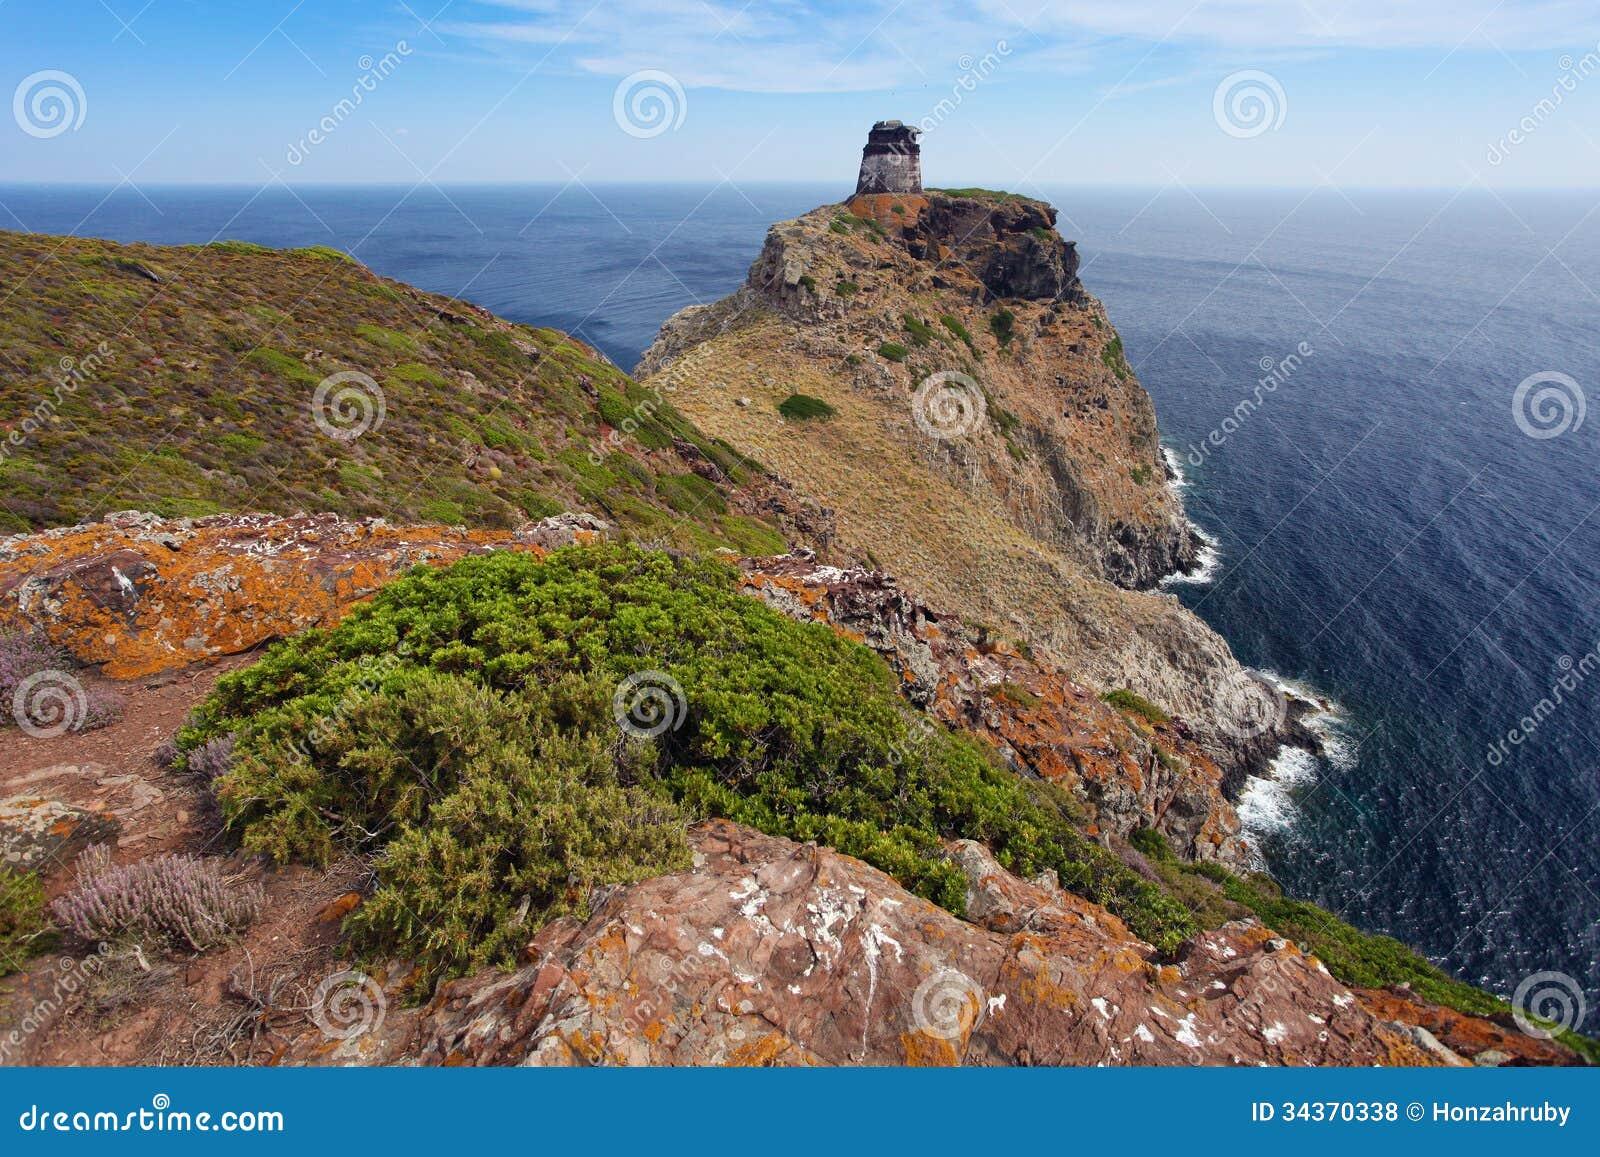 Tower on capraia island elba tuscany italy europe stock for Green italy